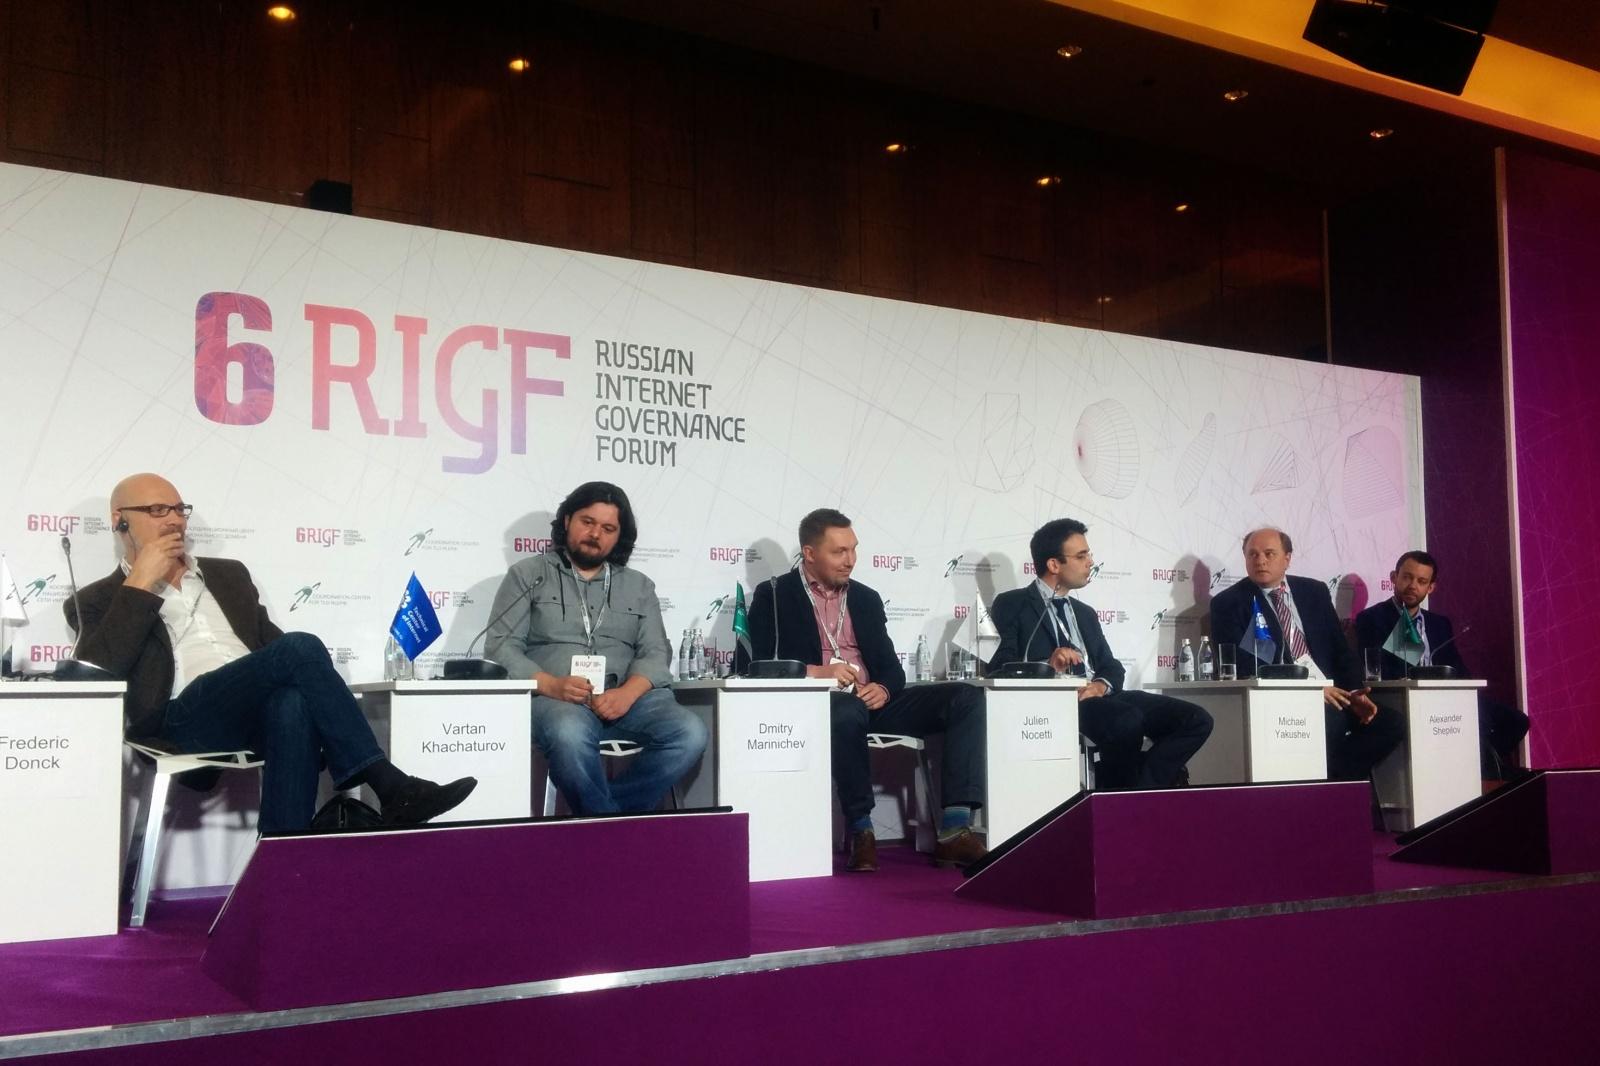 6 форум по управлению интернетом